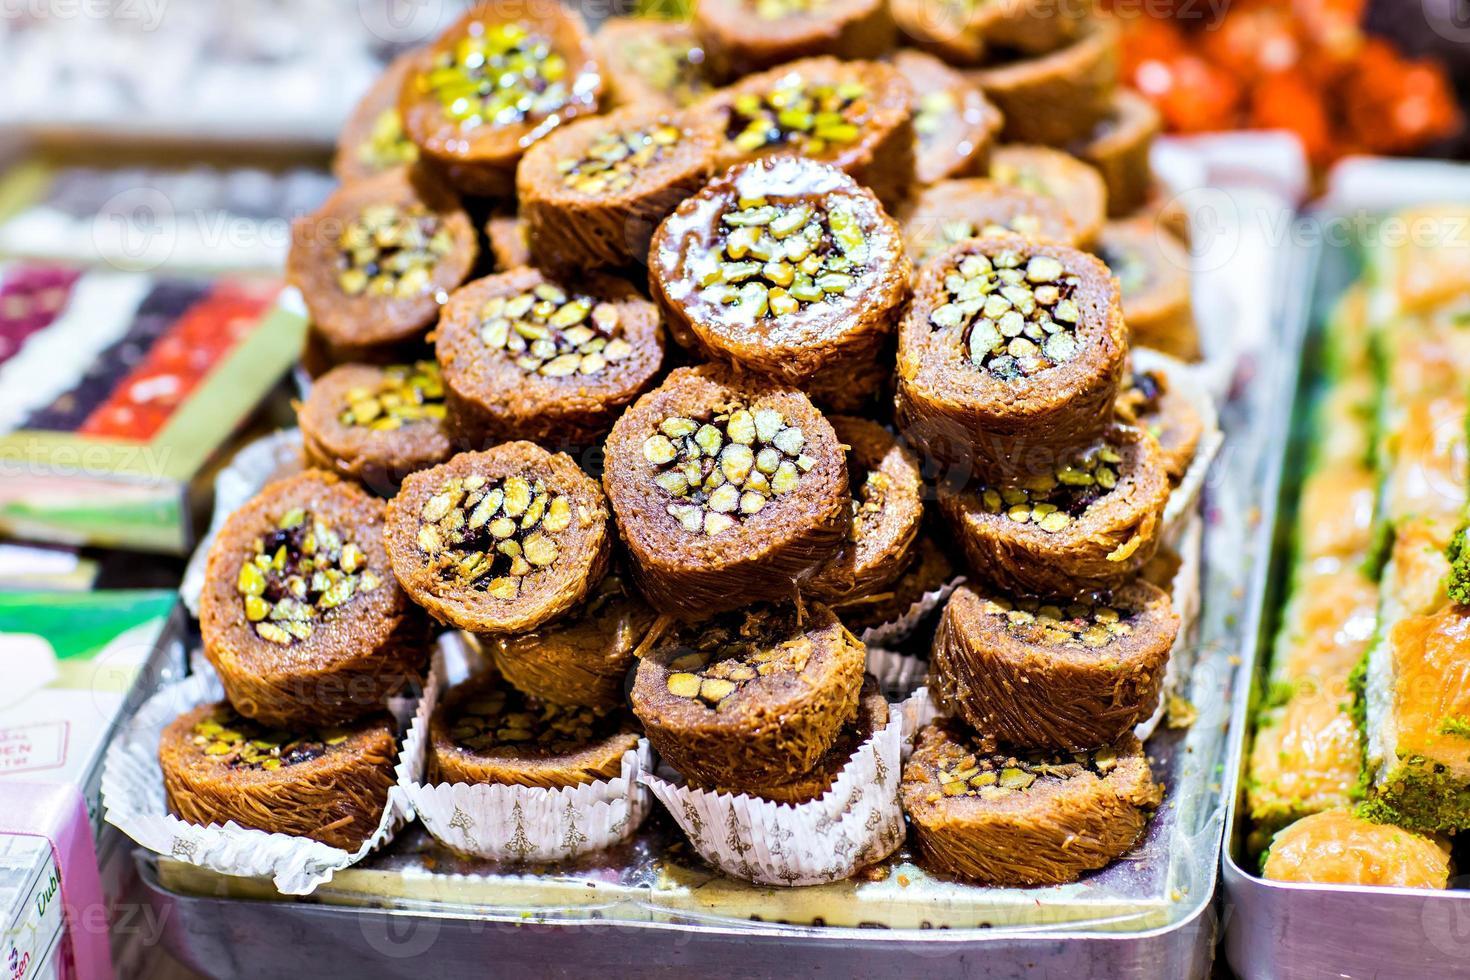 baklava em um mercado em Istambul foto